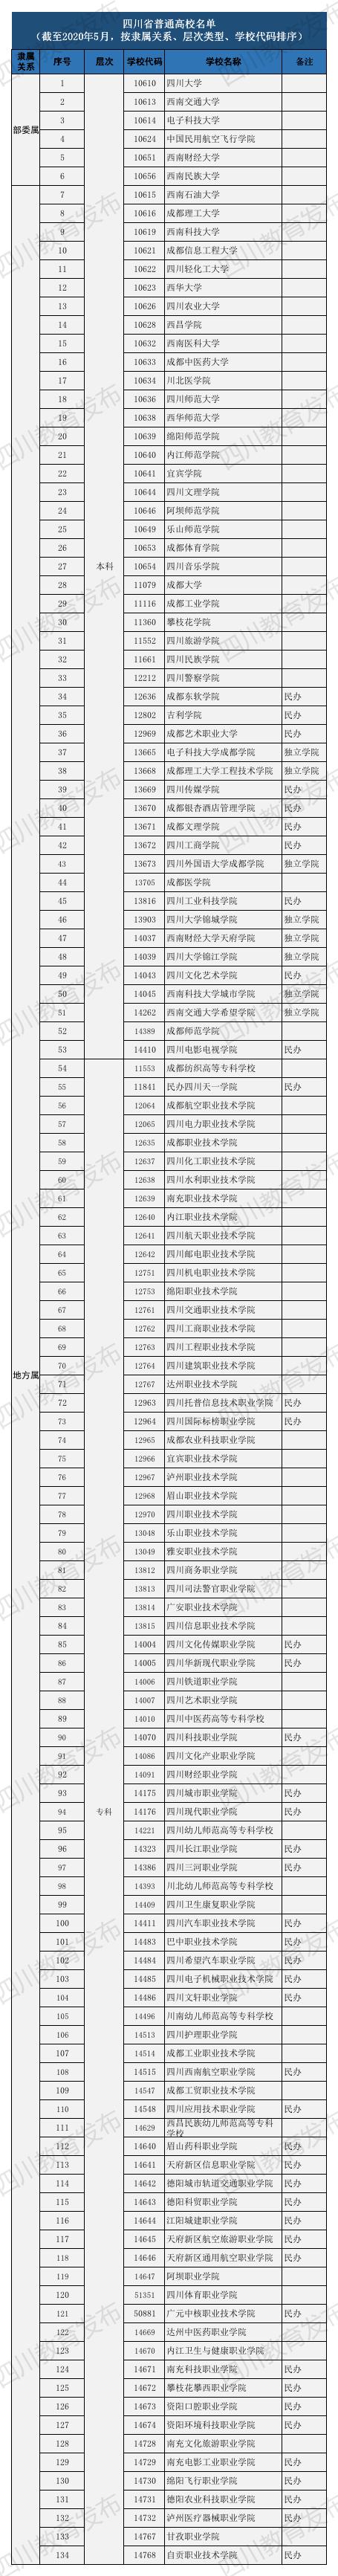 四川省普通高校名单